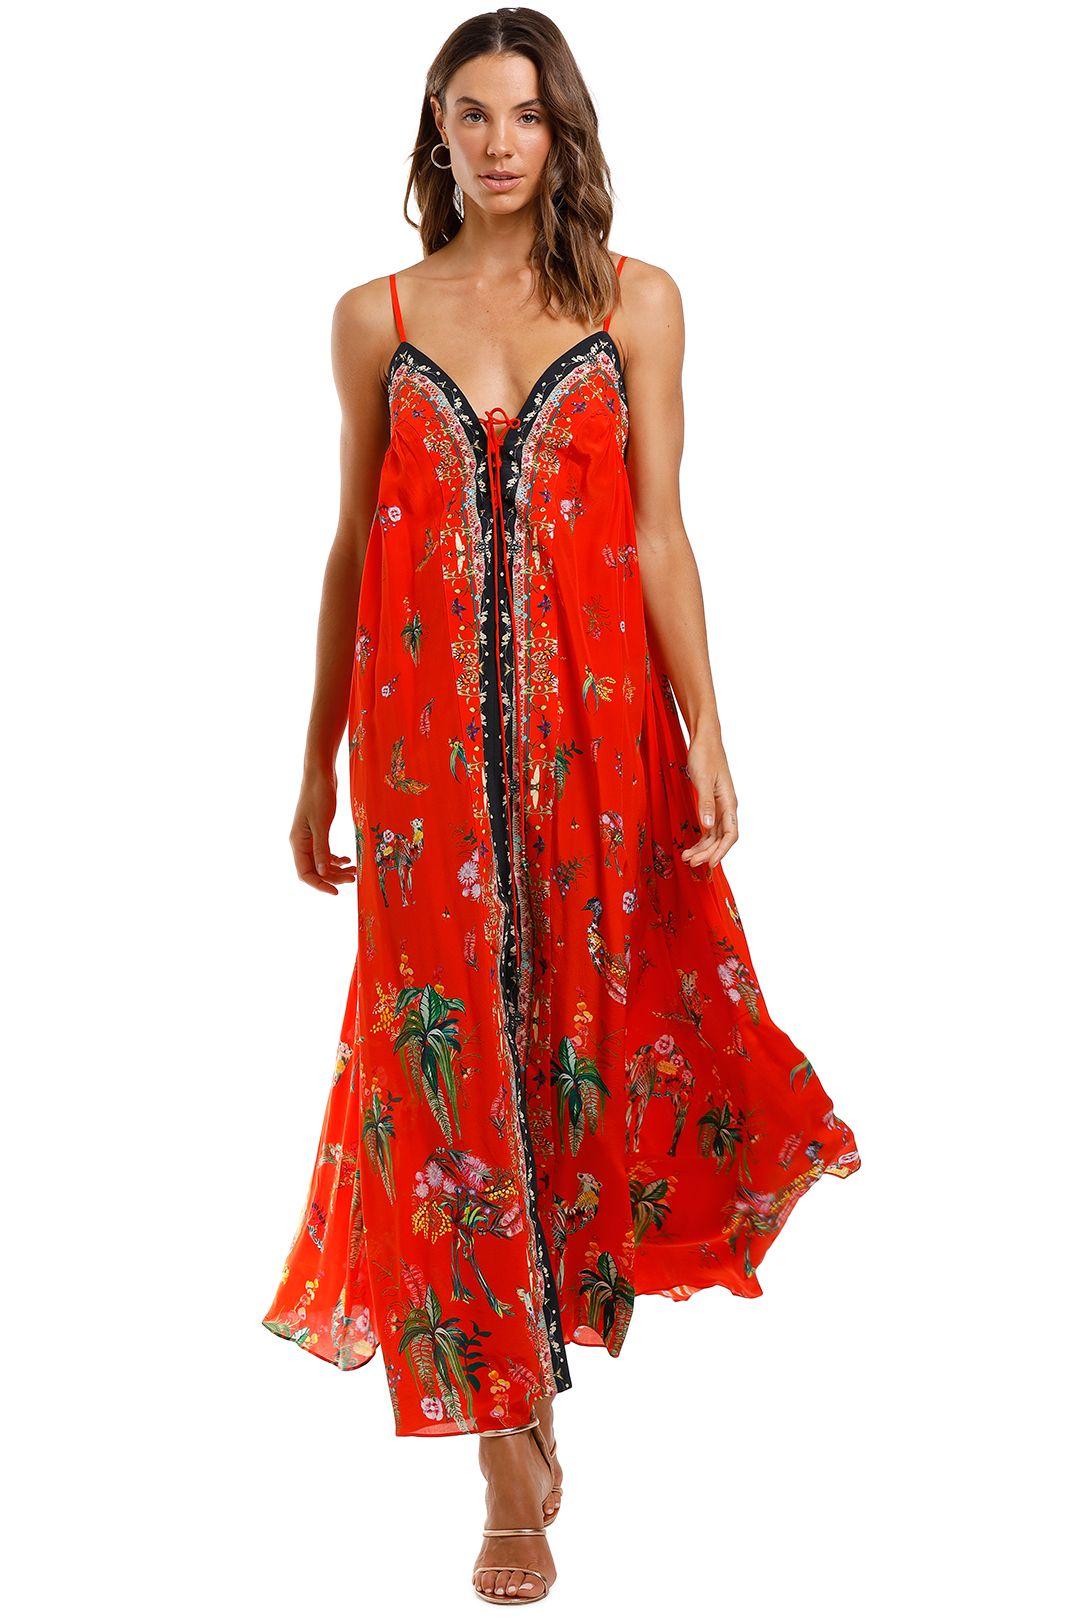 Camilla Lace Up Front Dress Cinema Paradiso Boho